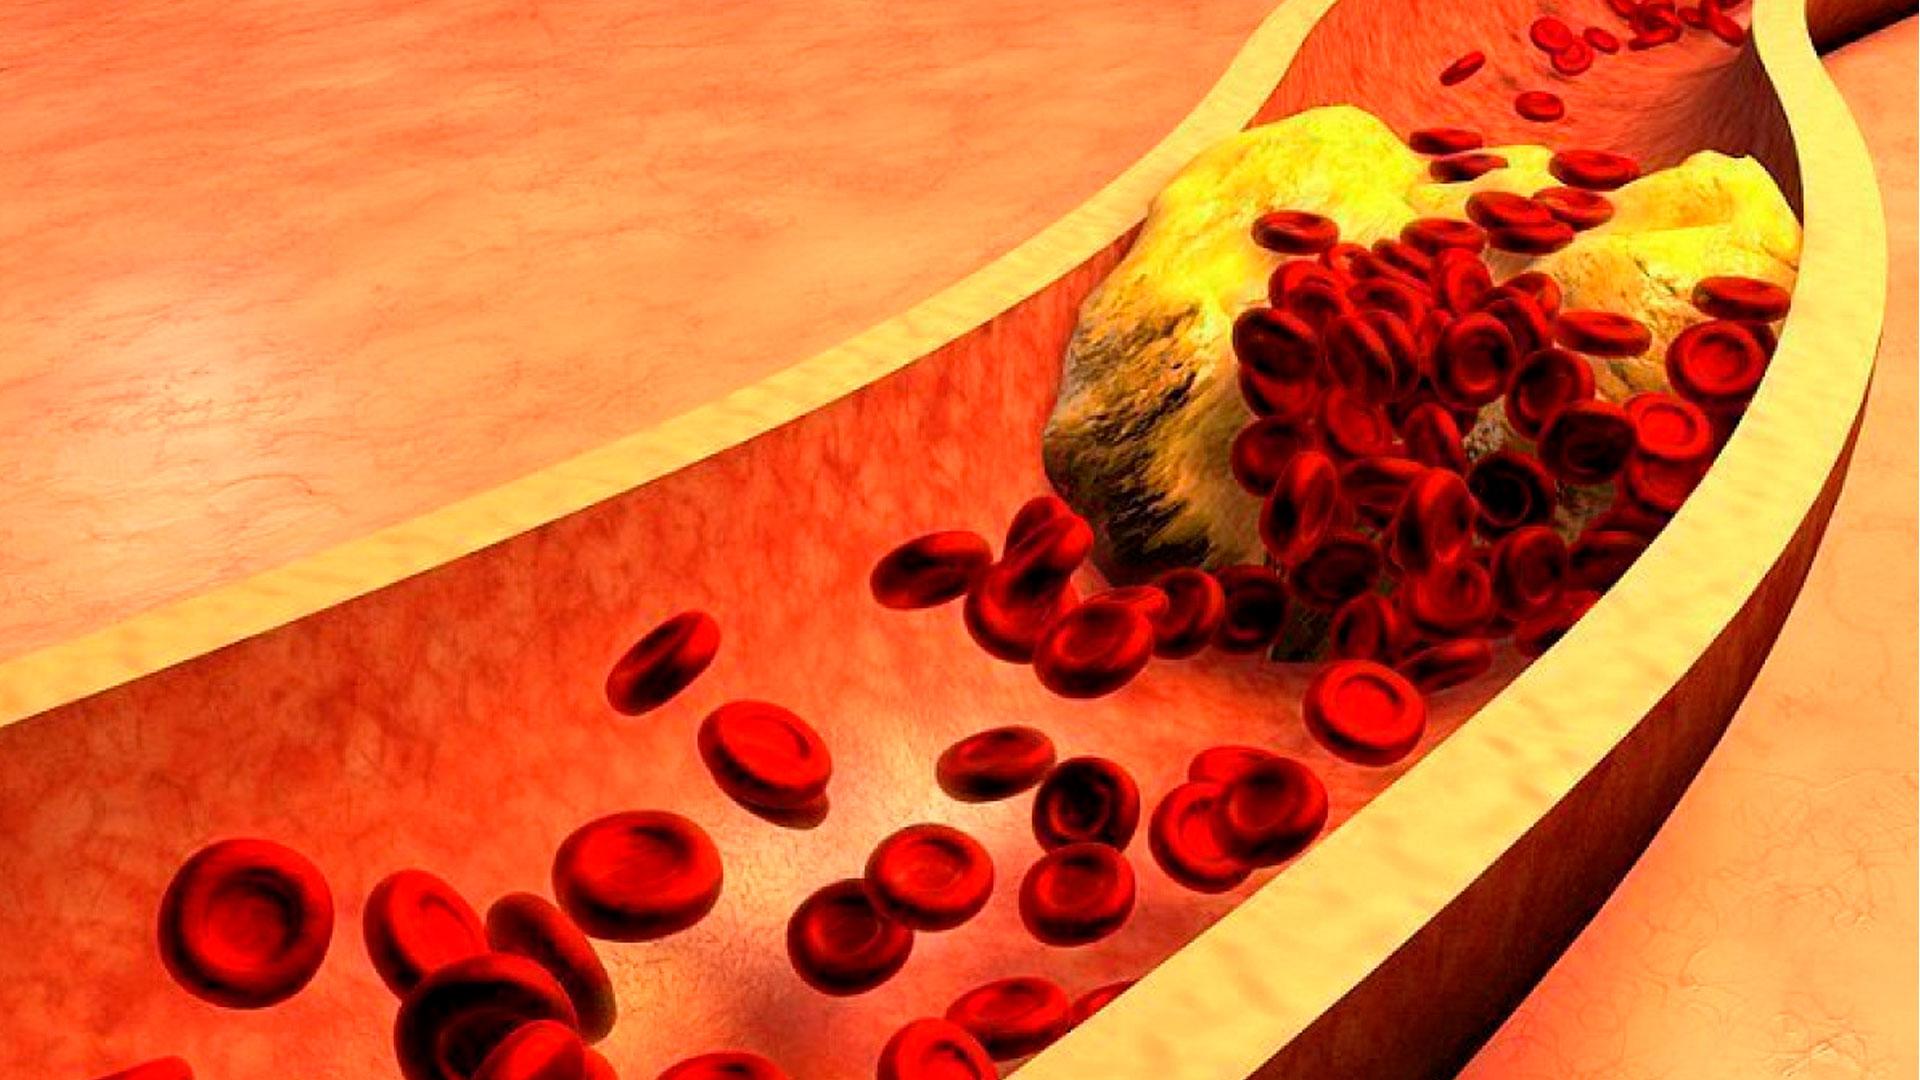 Diabete, quasi il 20% dei malati presenta ipertrigliceridemia nonostante le statine